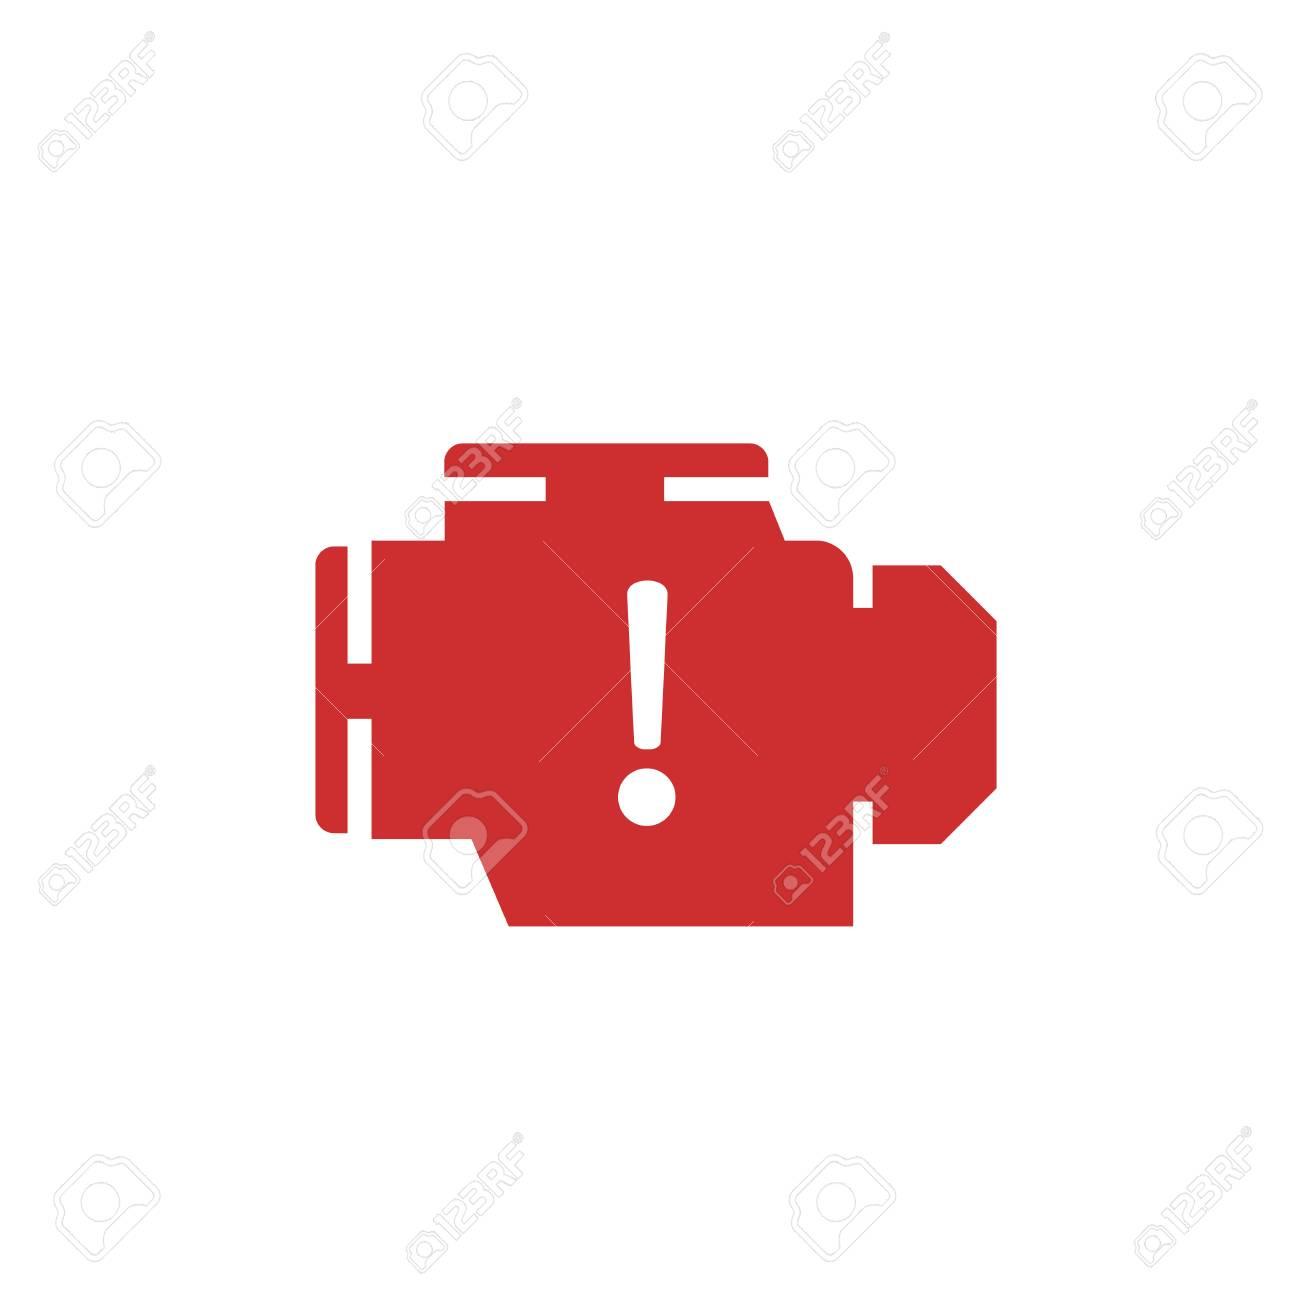 Fantastisch Symbol Für Magnetspule Galerie - Elektrische Schaltplan ...